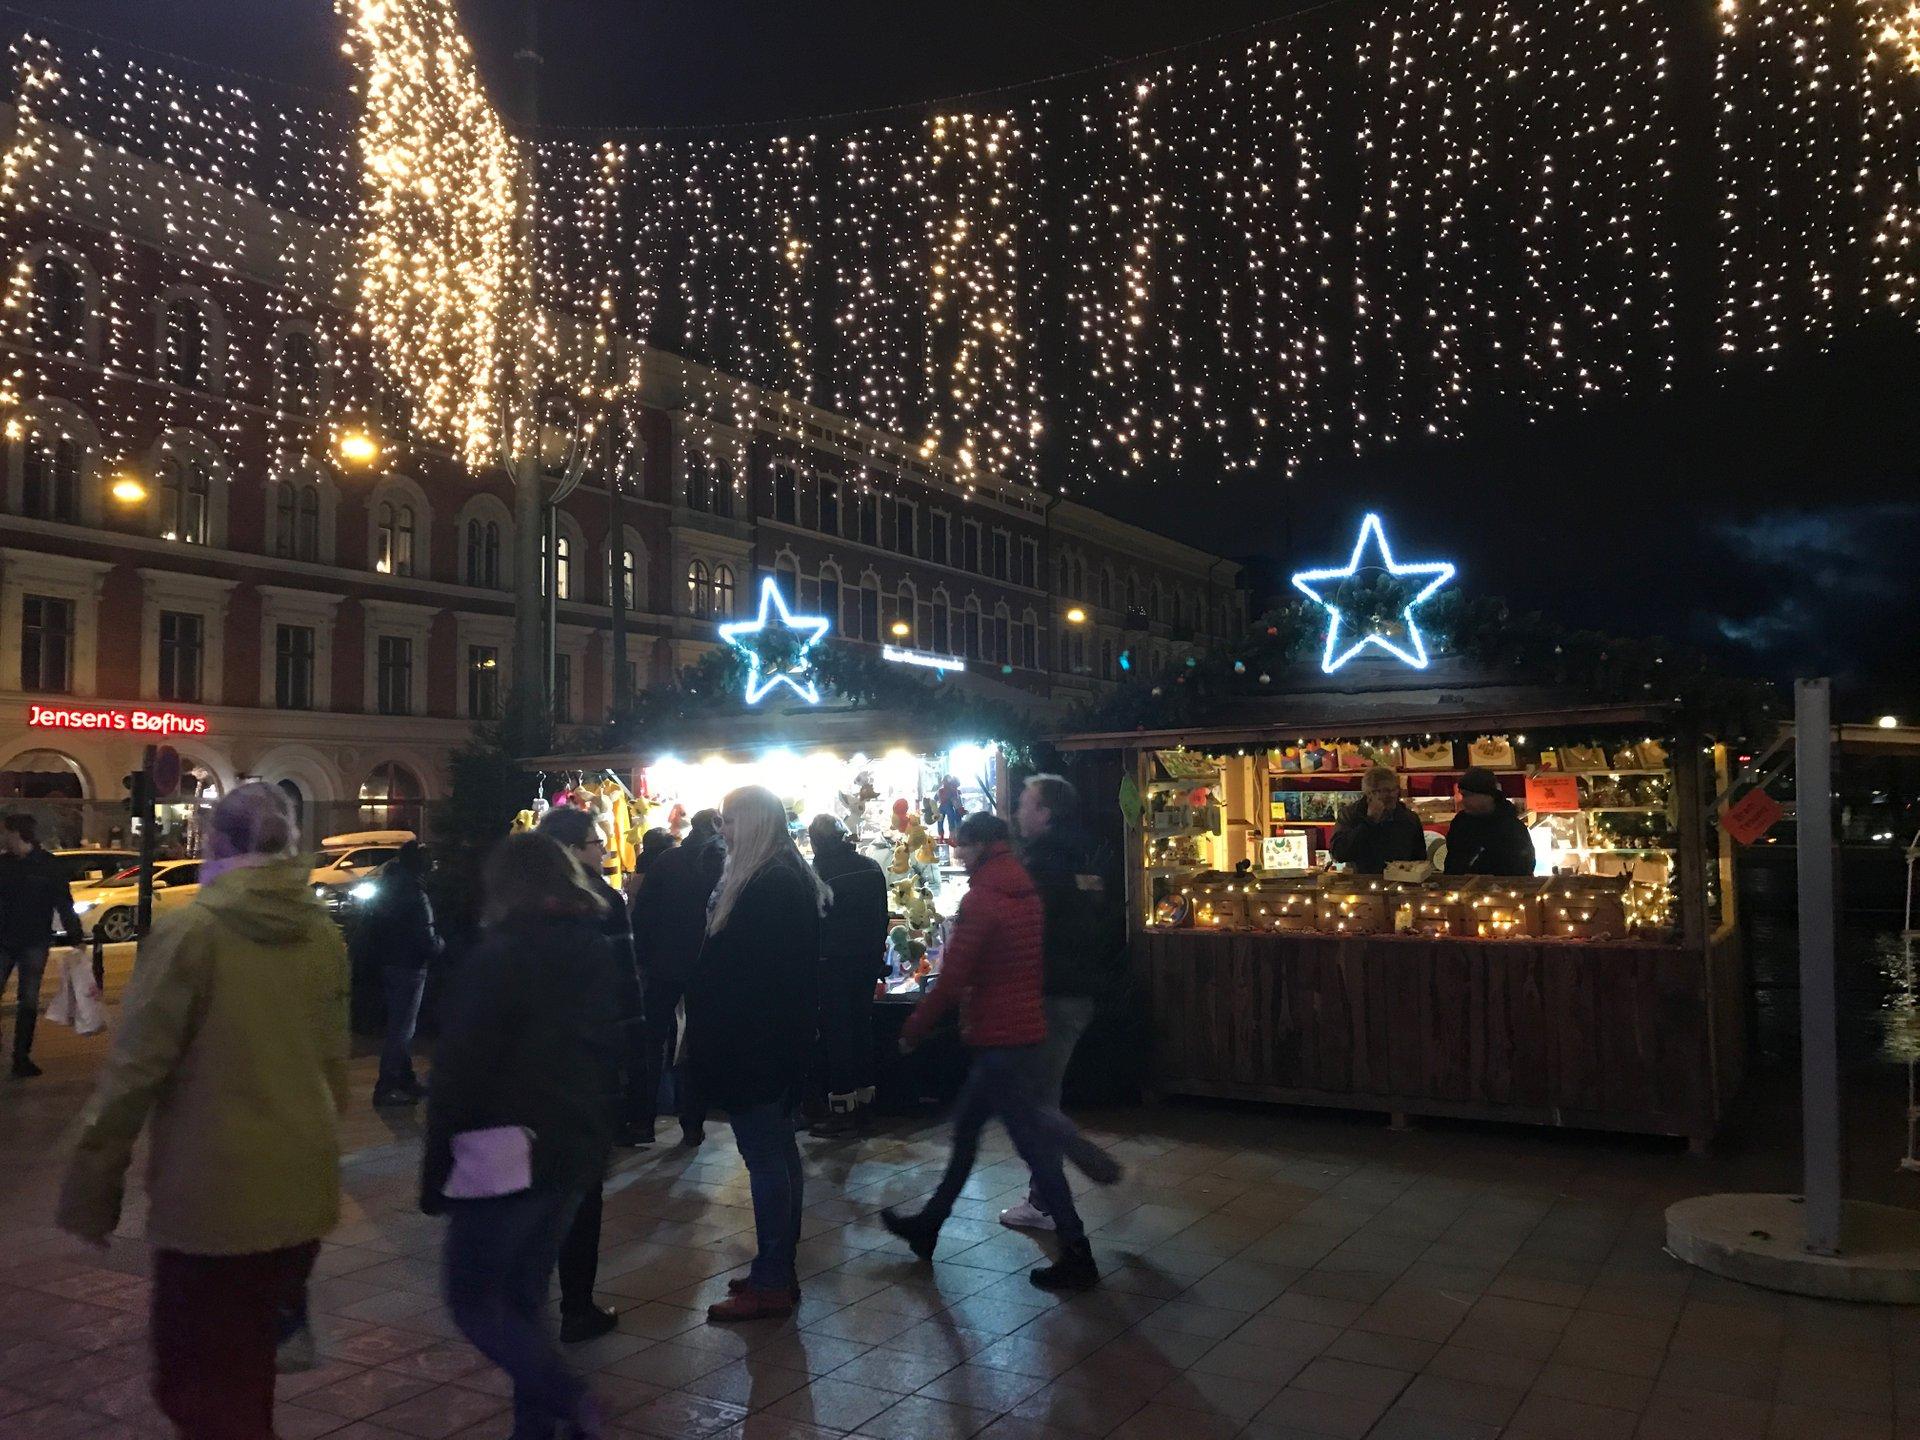 Malmö Christmas market 2020